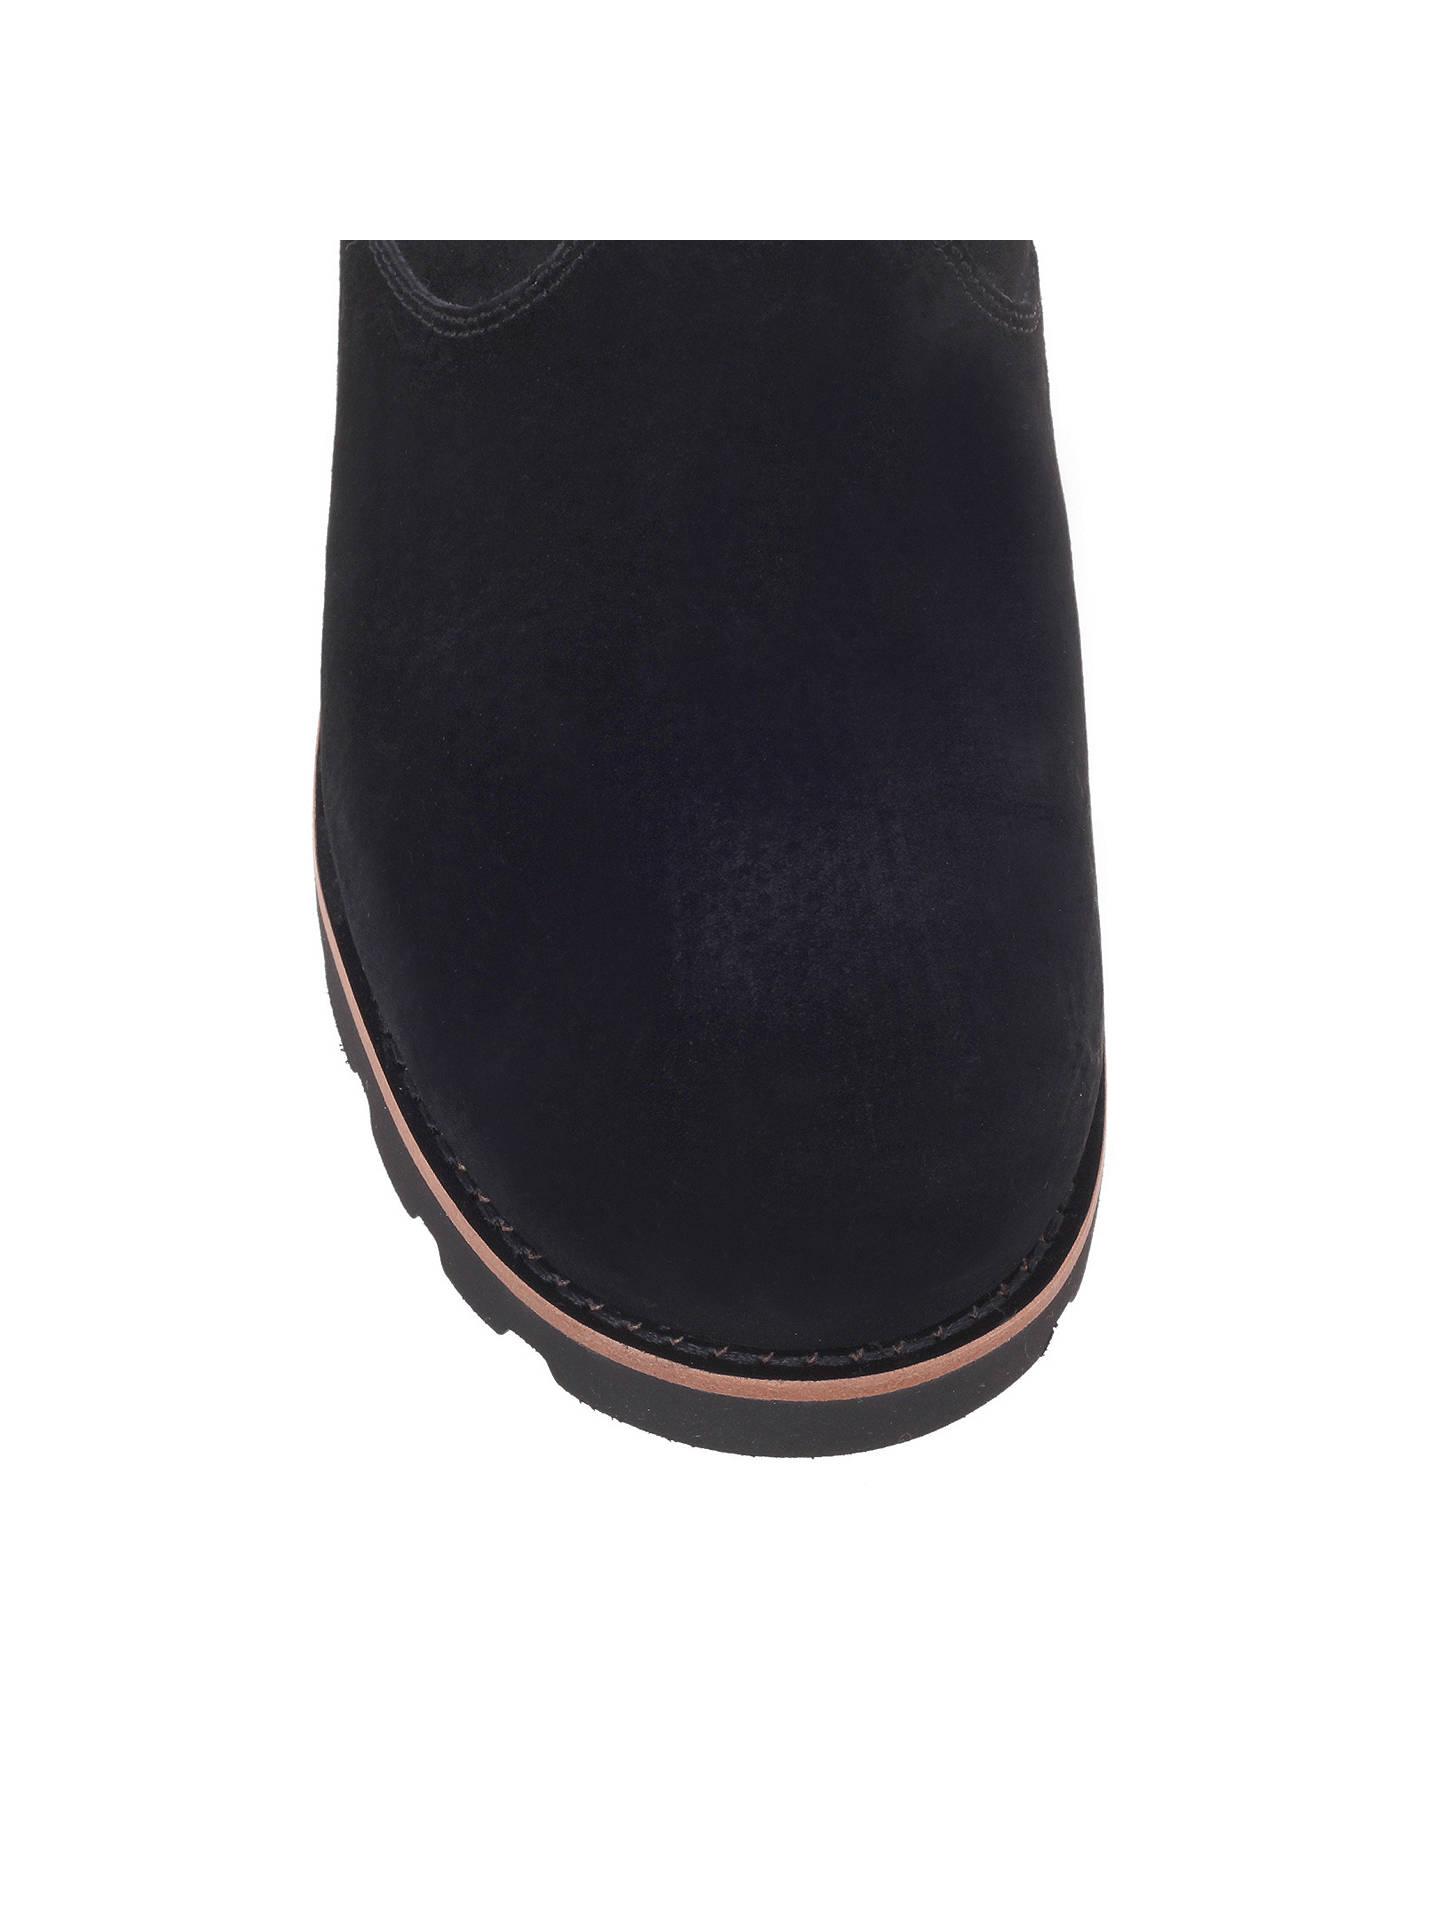 b8dc4f3fa21 UGG Barbarin Calf Boots at John Lewis & Partners